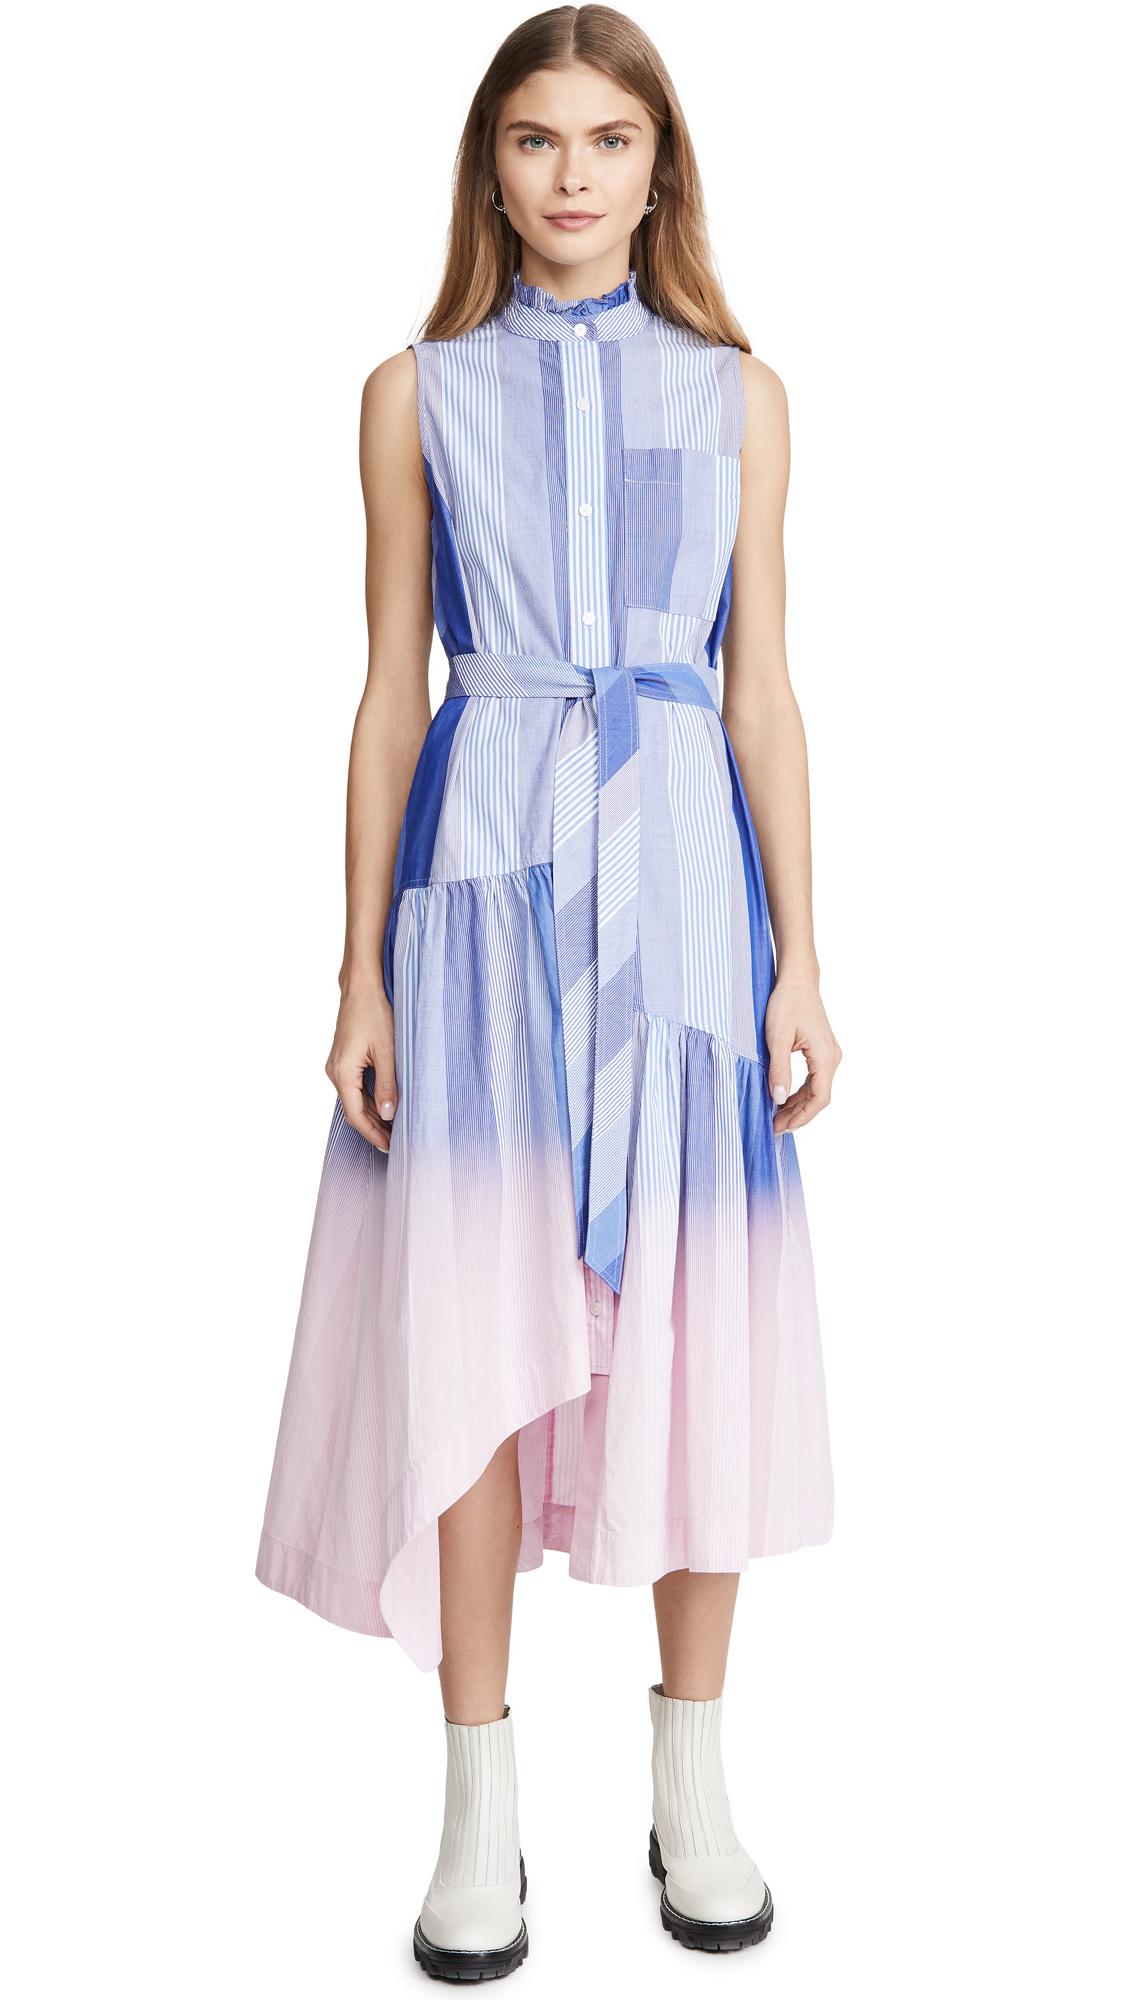 Derek Lam 10 Crosby Nerioa Dip Die Maxi Dress - 30% Off Sale